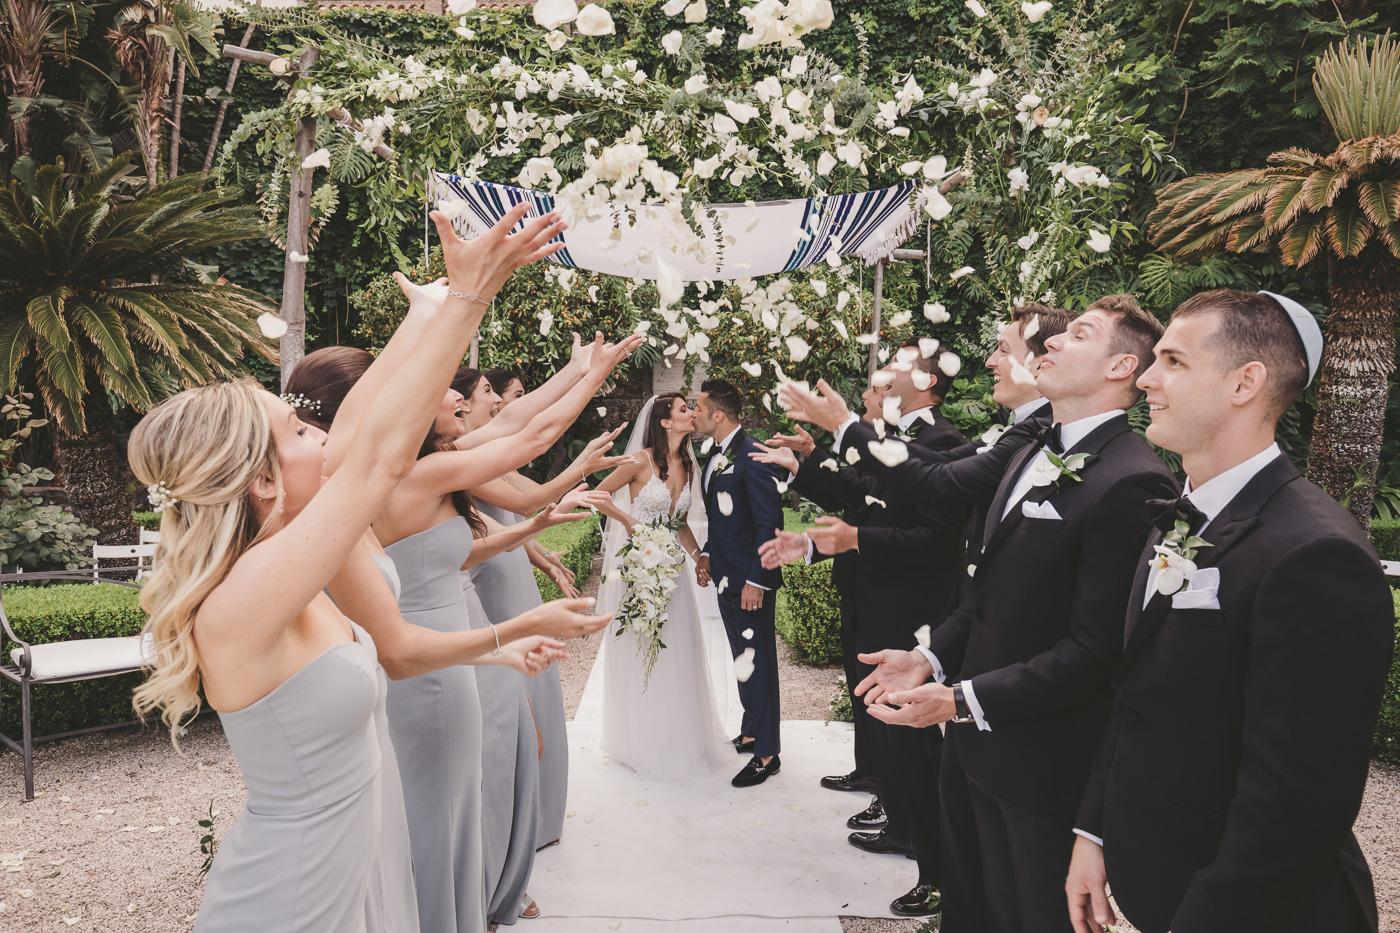 Matrimonio-ebraico-Taormina-fotografo-bravo-spiaggia-confetti